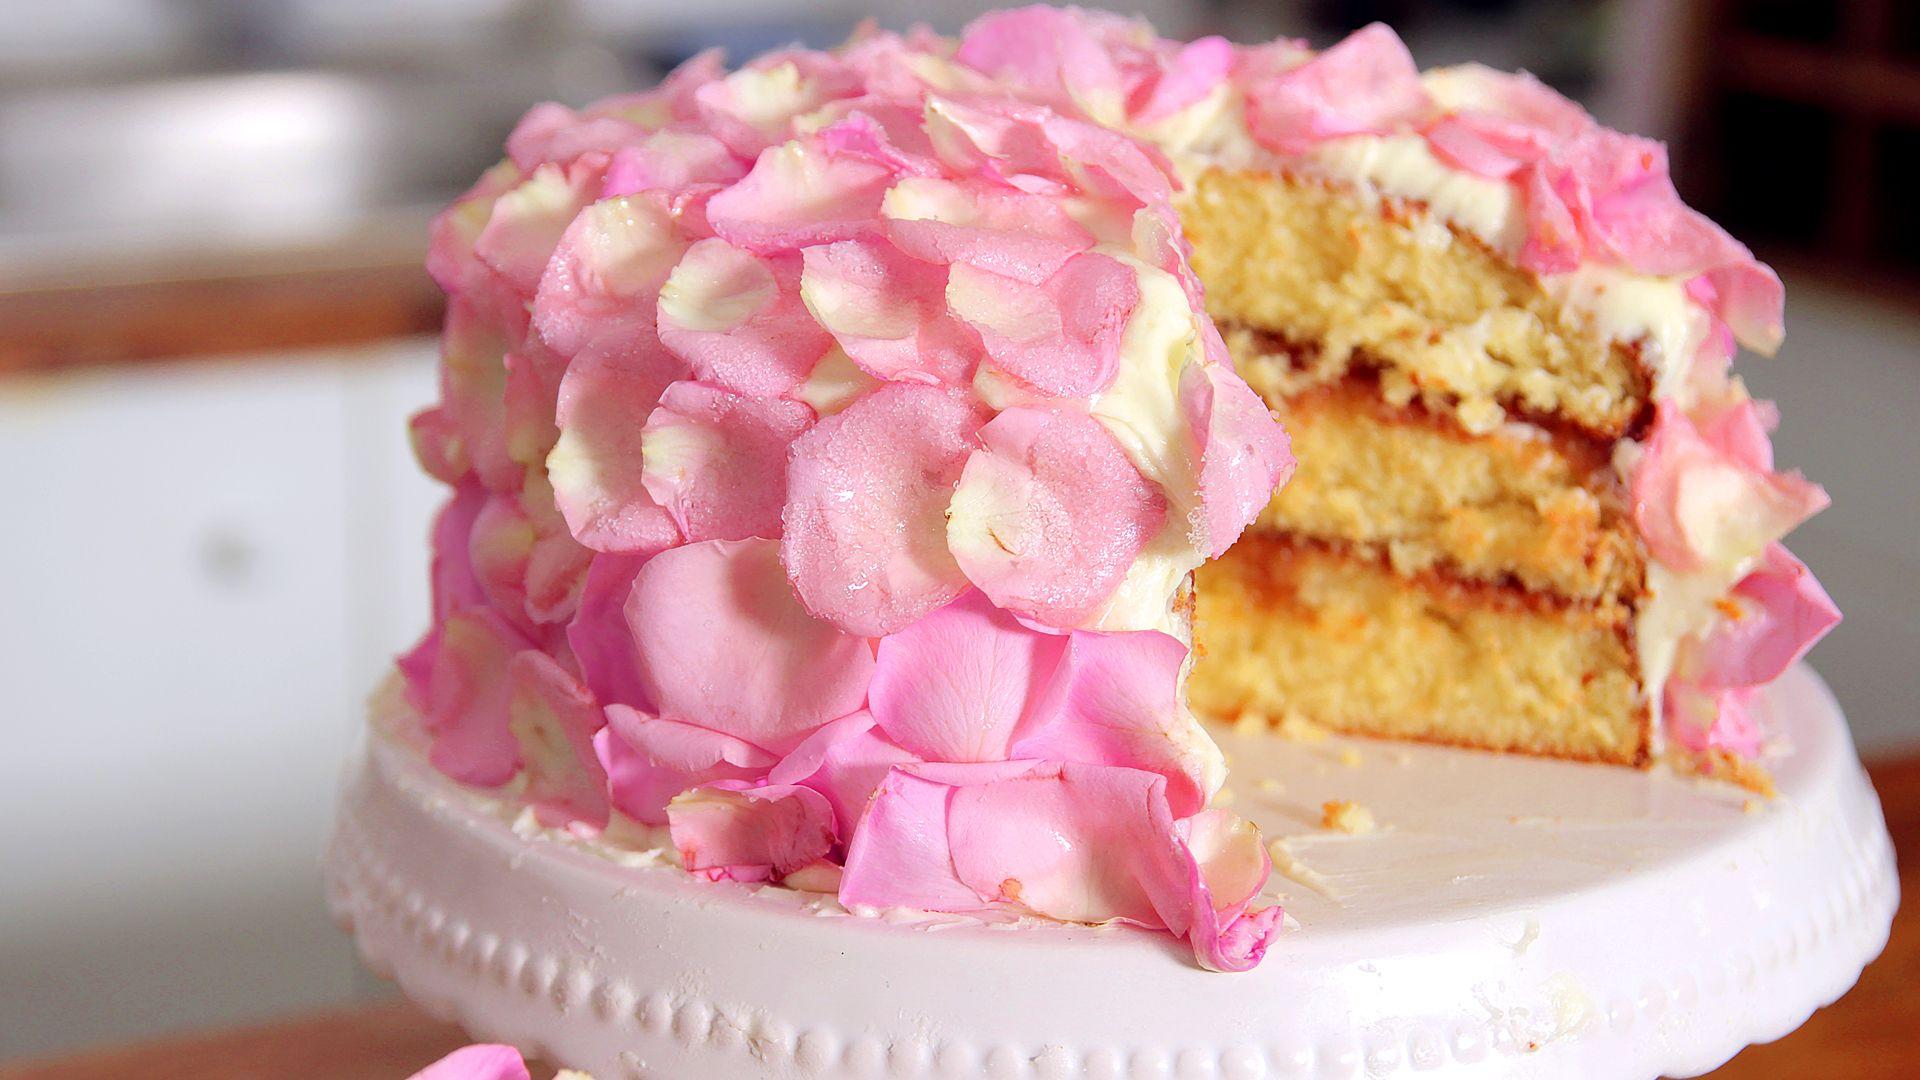 Rosen Karamell Torte Rezept als Back Video zum selber machen Ganz einfach Schritt für Schritt erklärt